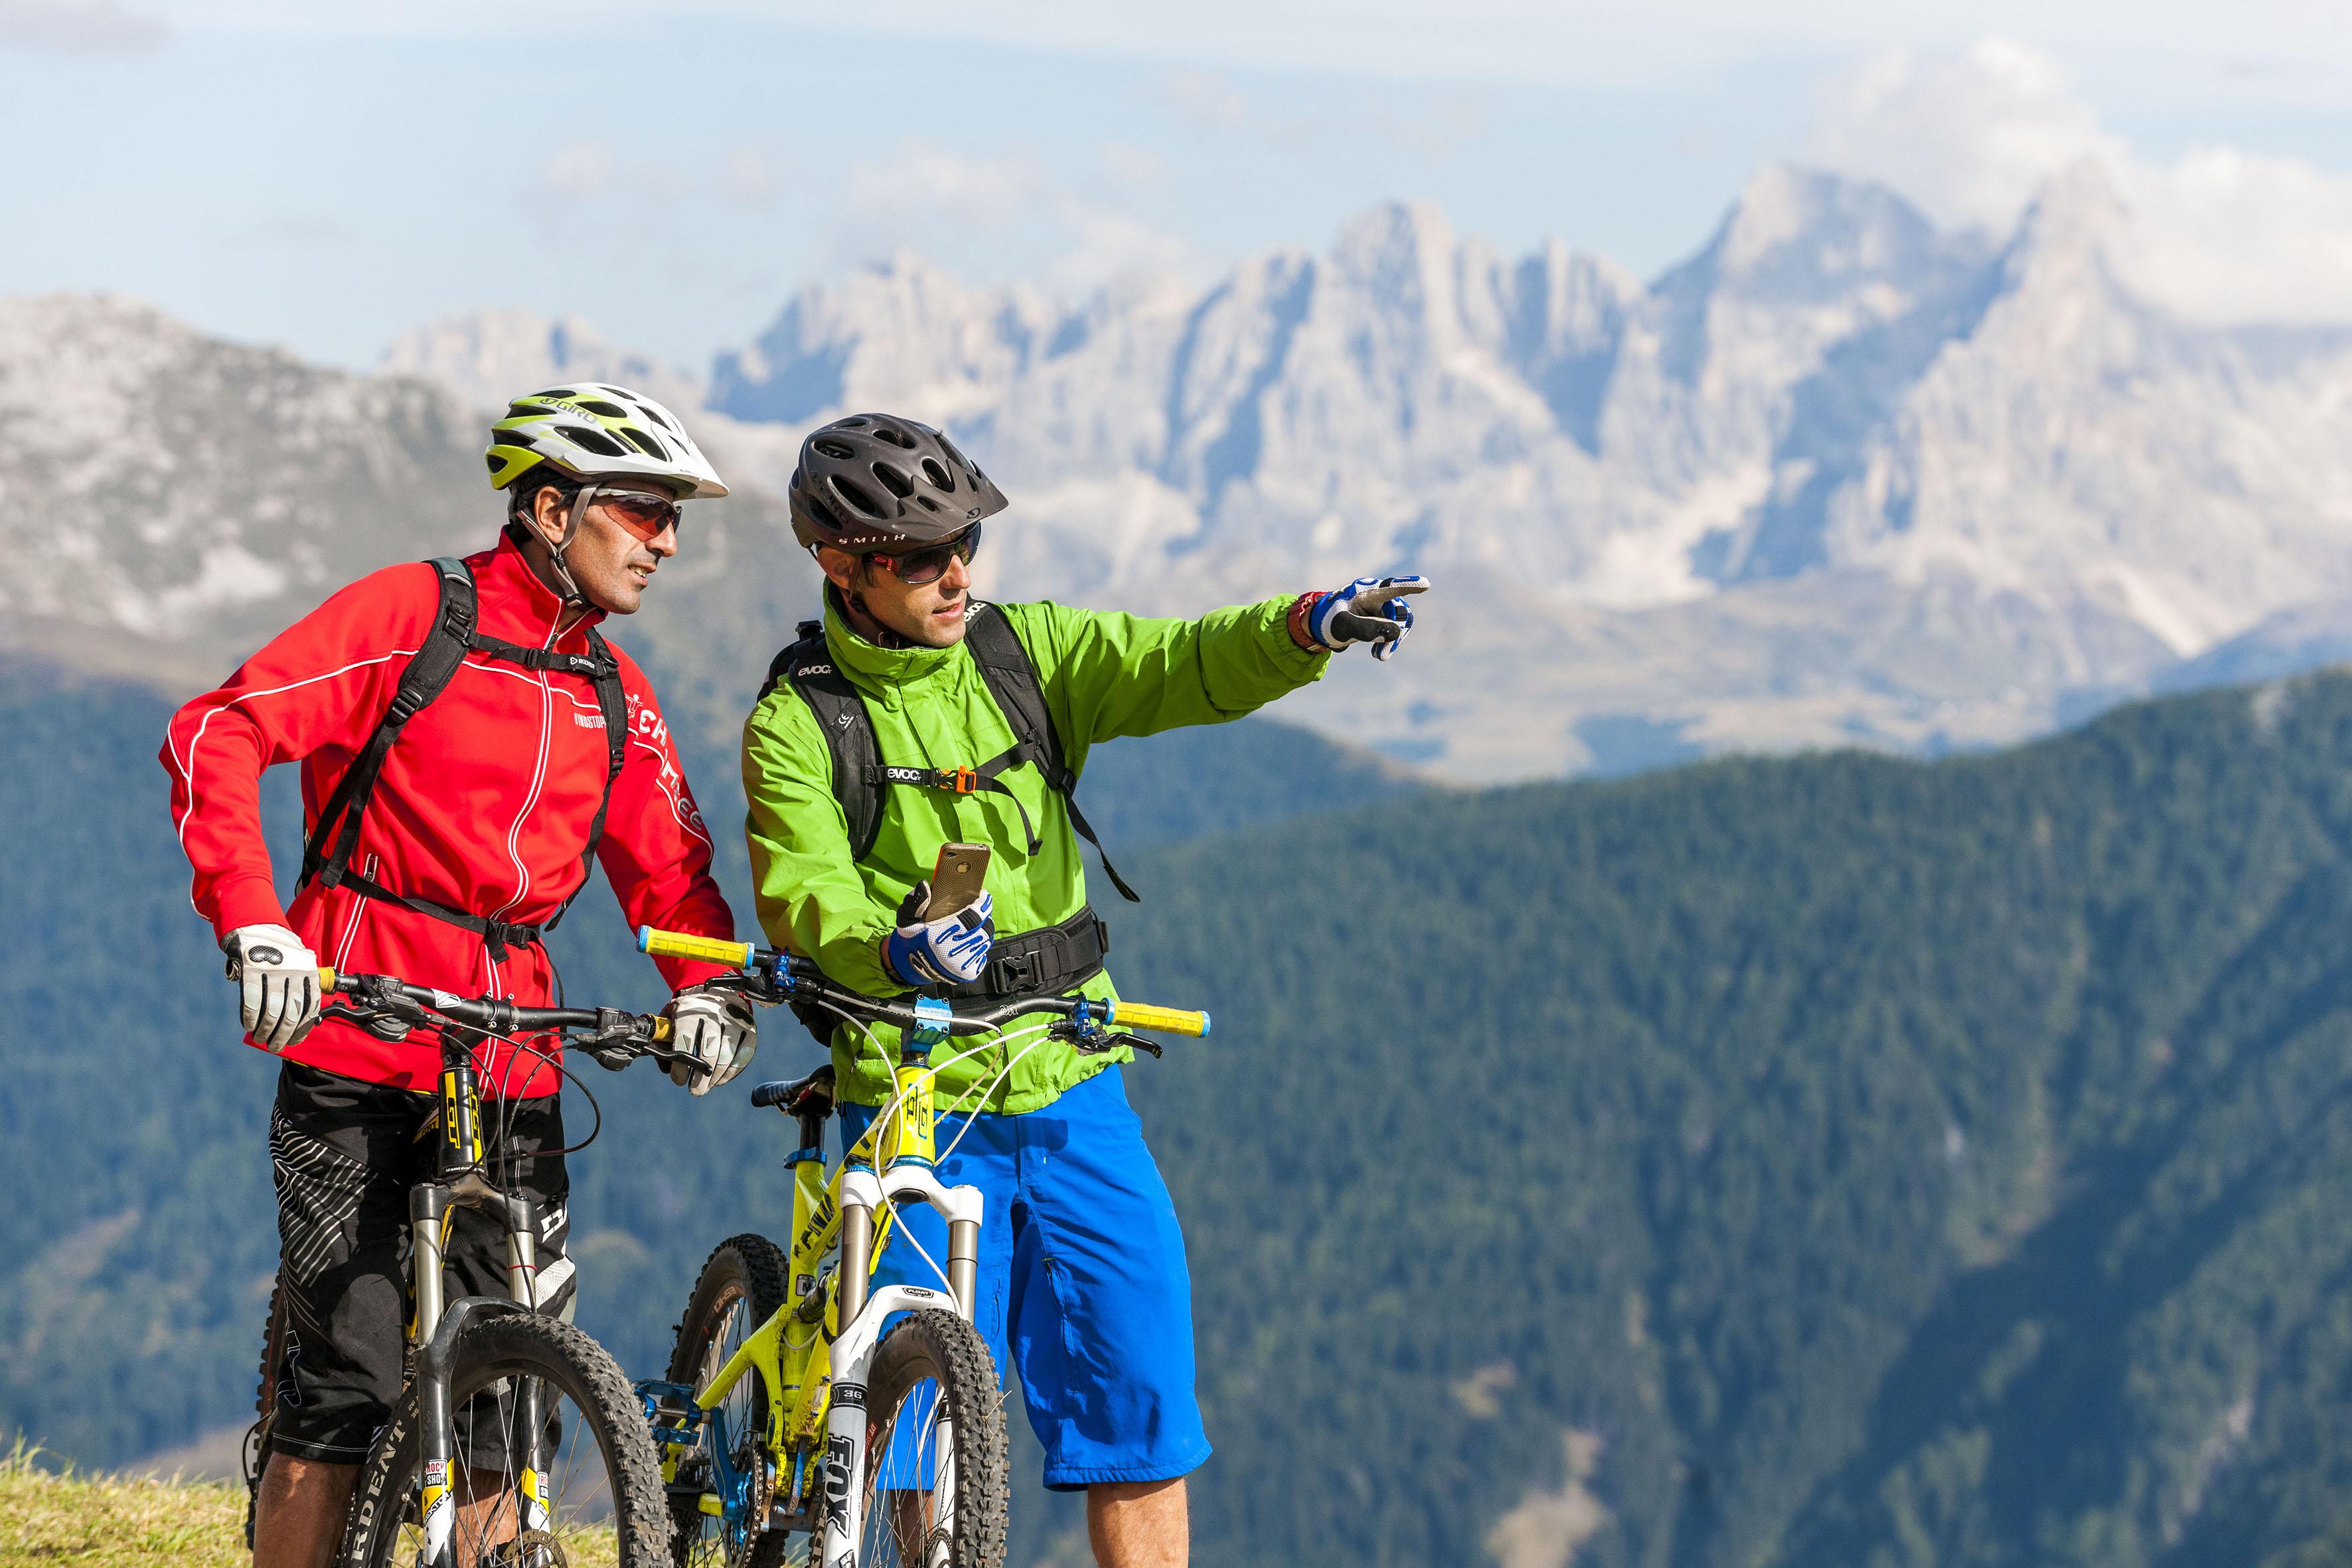 Speciale E-Bike: offerta vacanza in Val di Fiemme